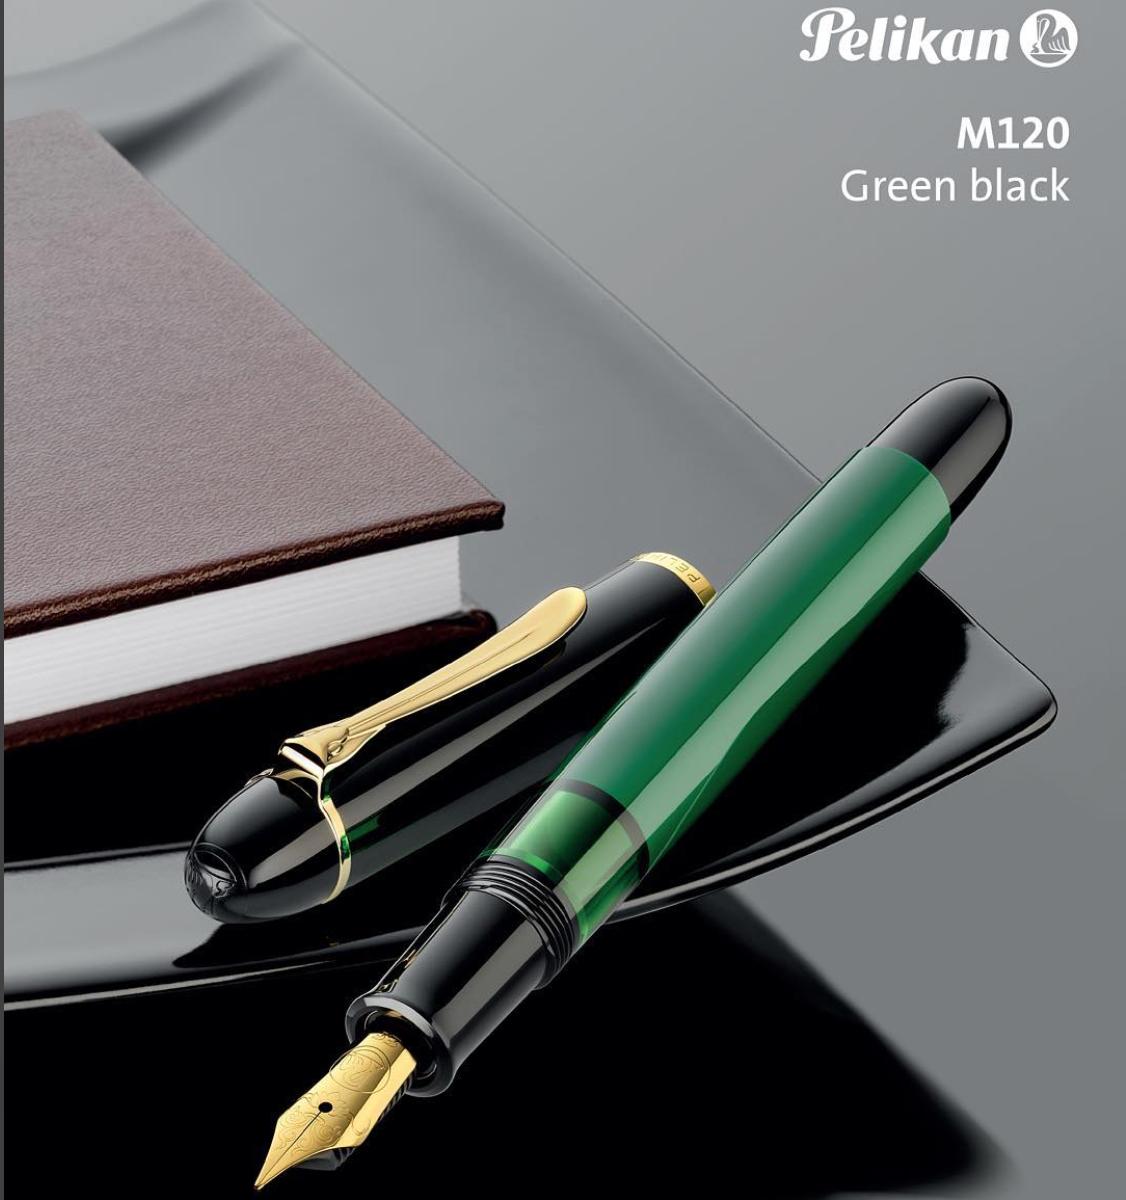 Pelikan M120 M120-2016a